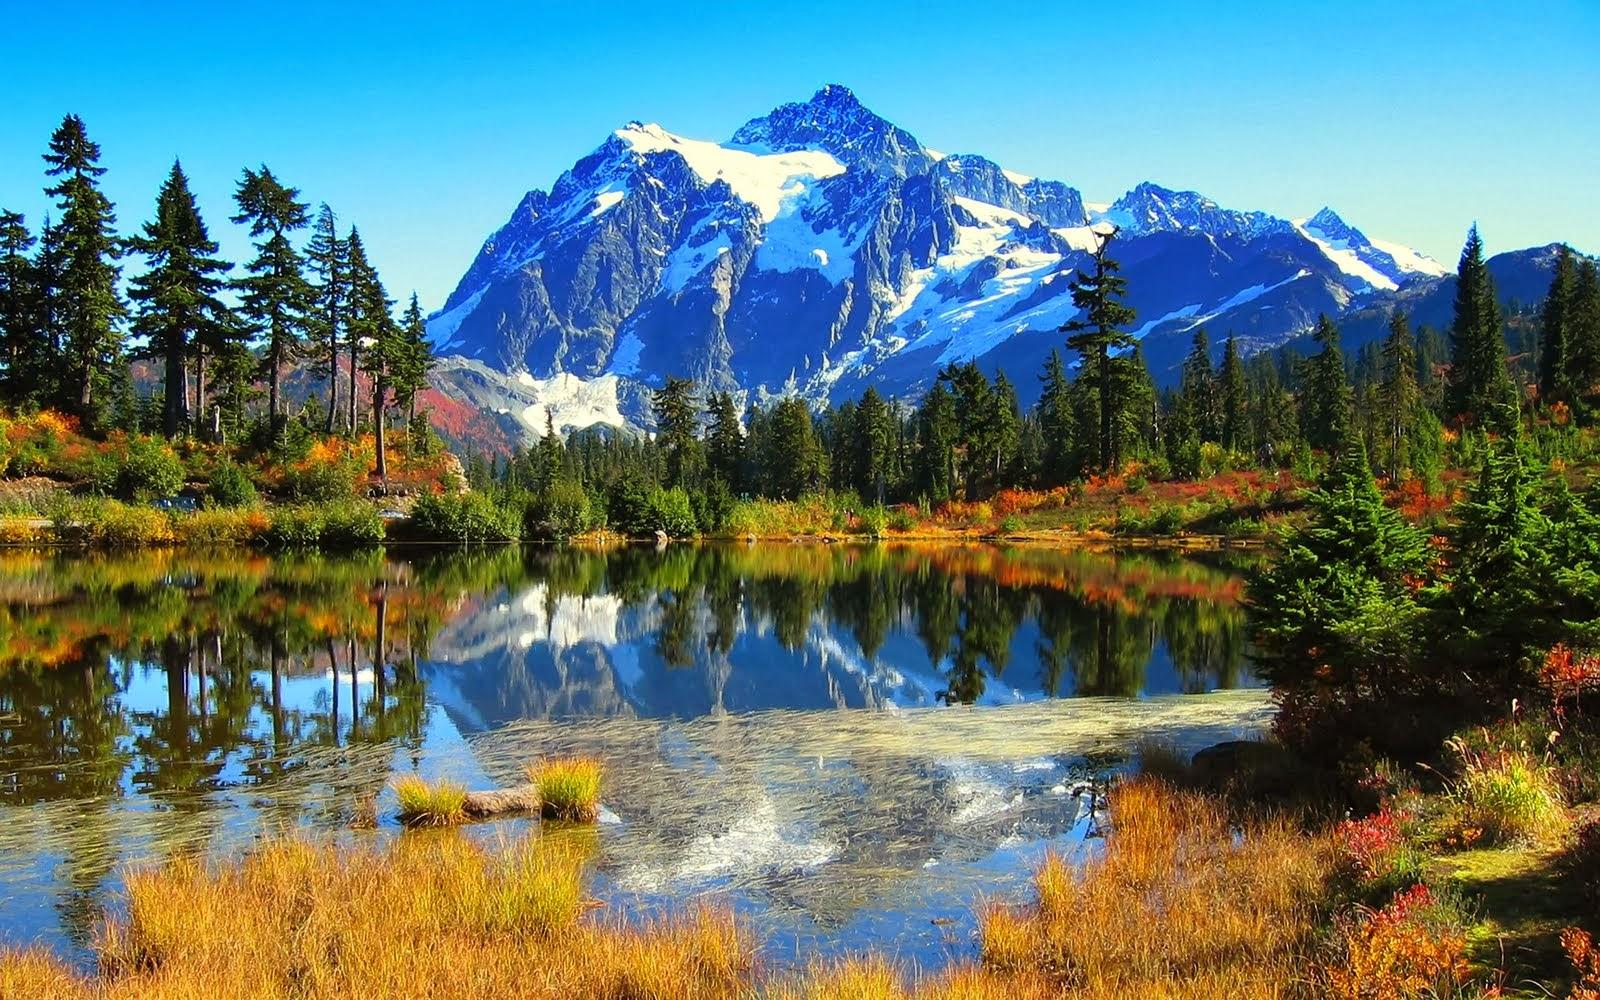 Las clases de ciencias sociales el reto paisajes - Tipos de paisajes ...